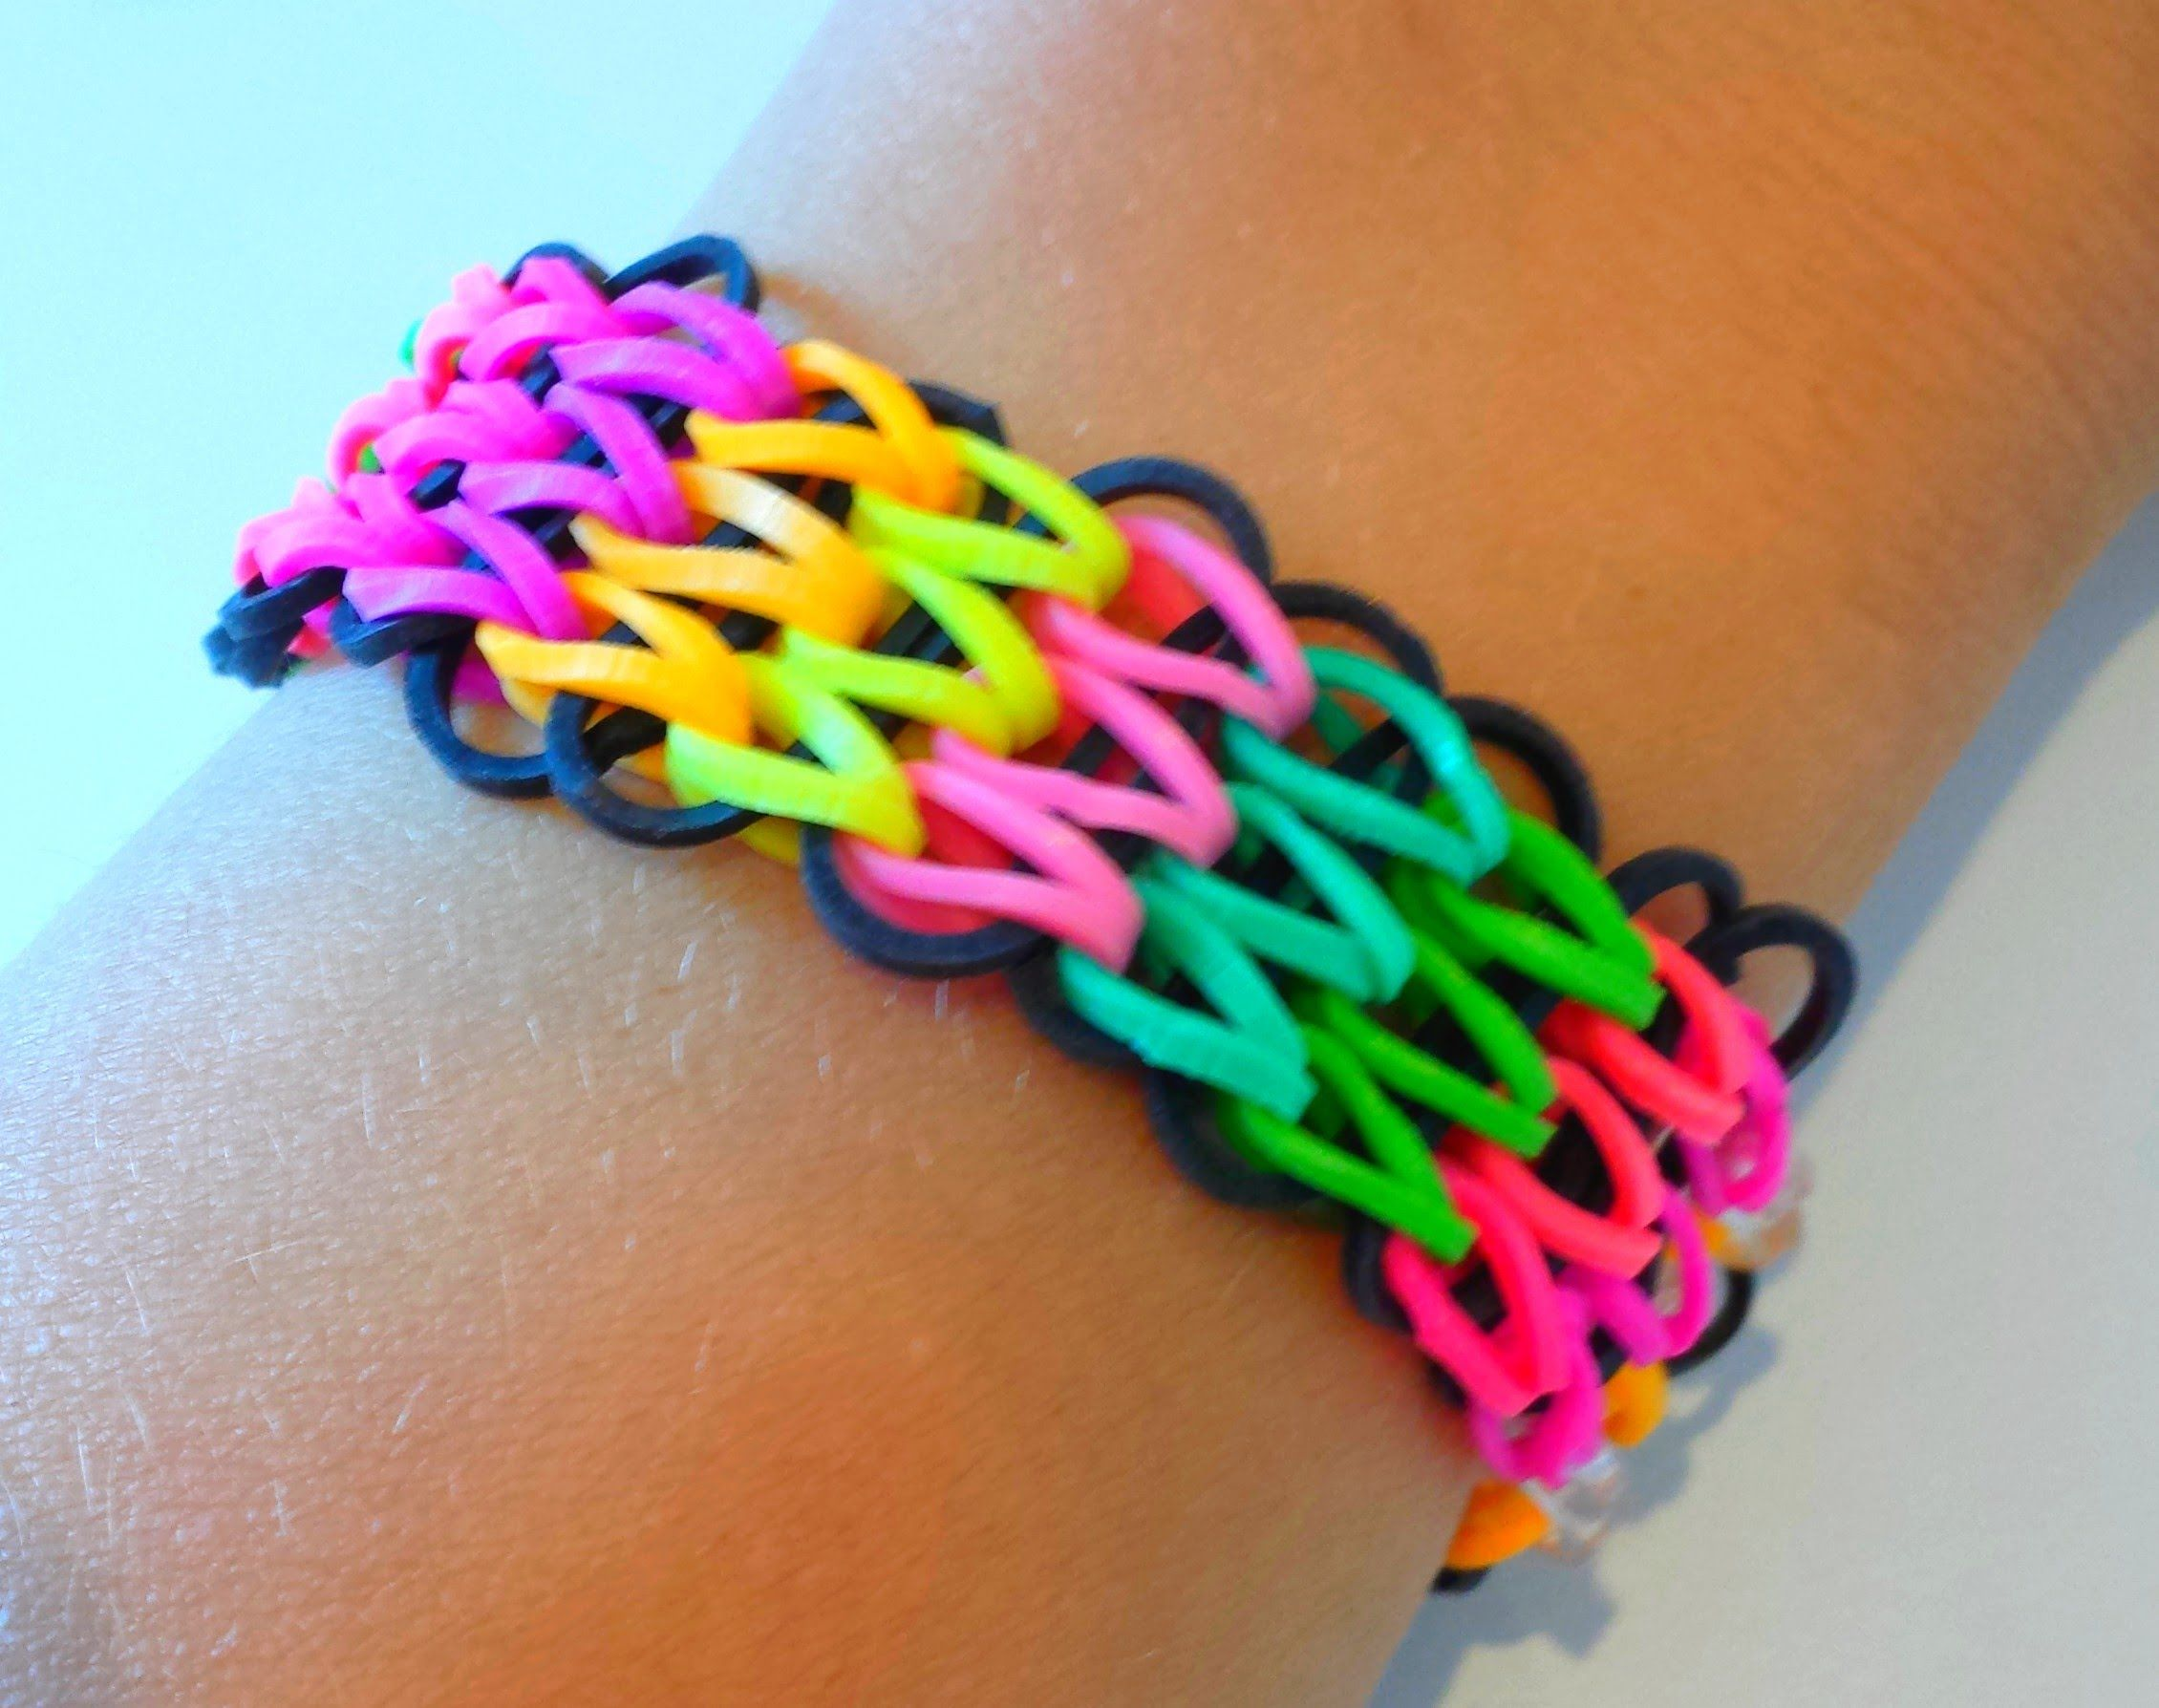 Tutoriel r aliser un bracelet lastique manchette avec une seule machi kim jong - Comment faire bracelet elastique ...